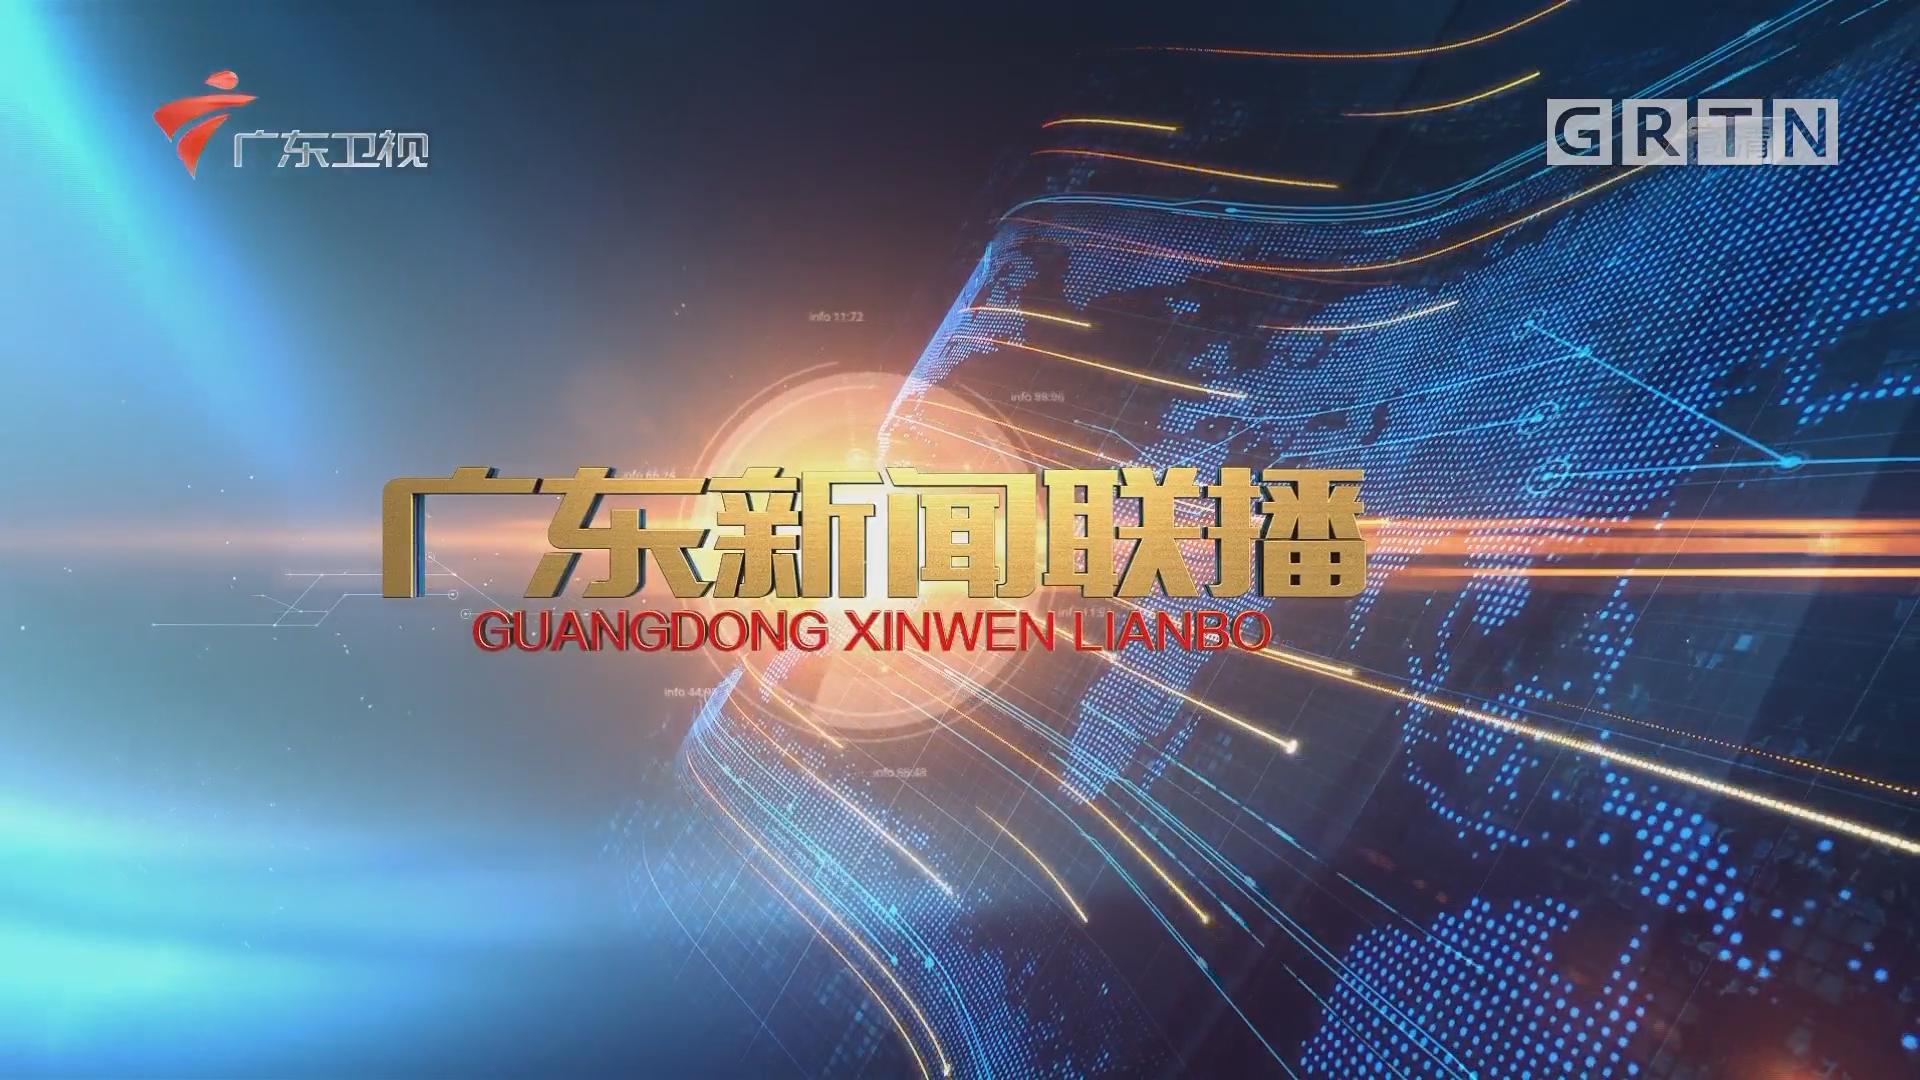 [HD][2019-02-21]广东新闻联播:李希马兴瑞会见香港中华总商会访问团